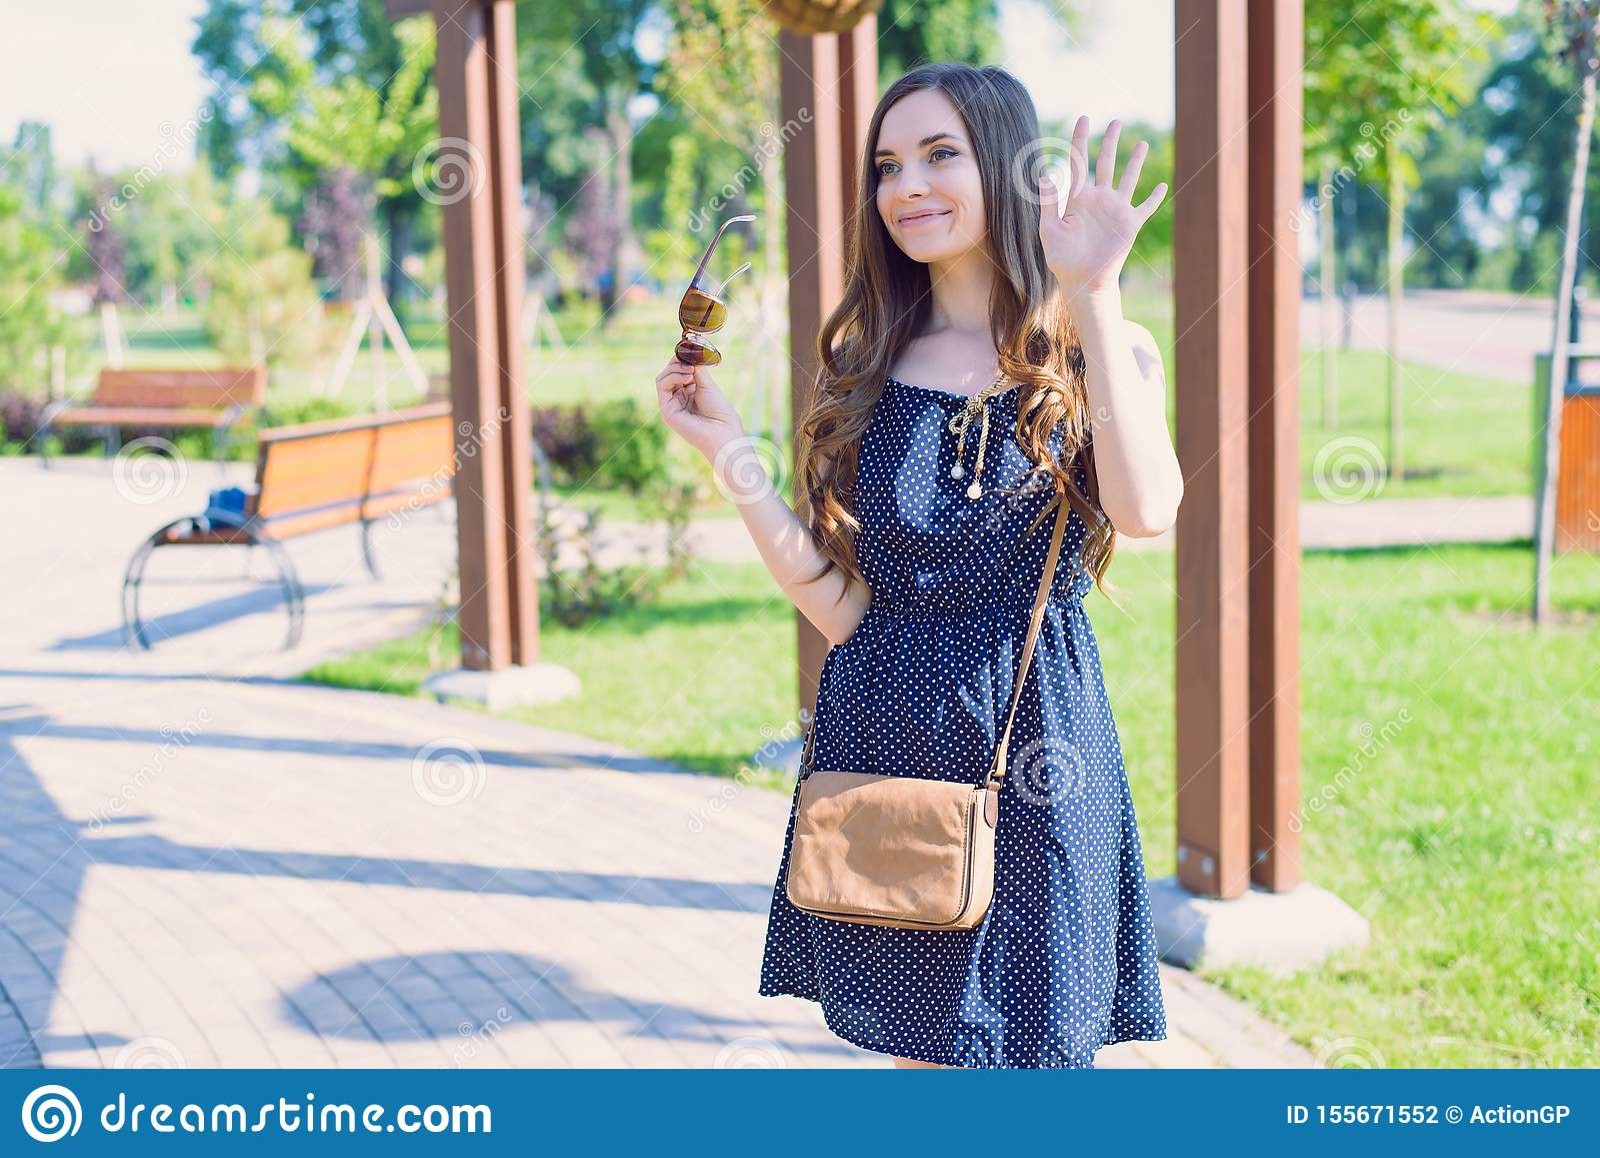 Fotografia cukierki satysfakcjonował ładnego damy dosłania powitanie mówi walkower dziewczyna jest ubranym błękitnego kropkowaneg